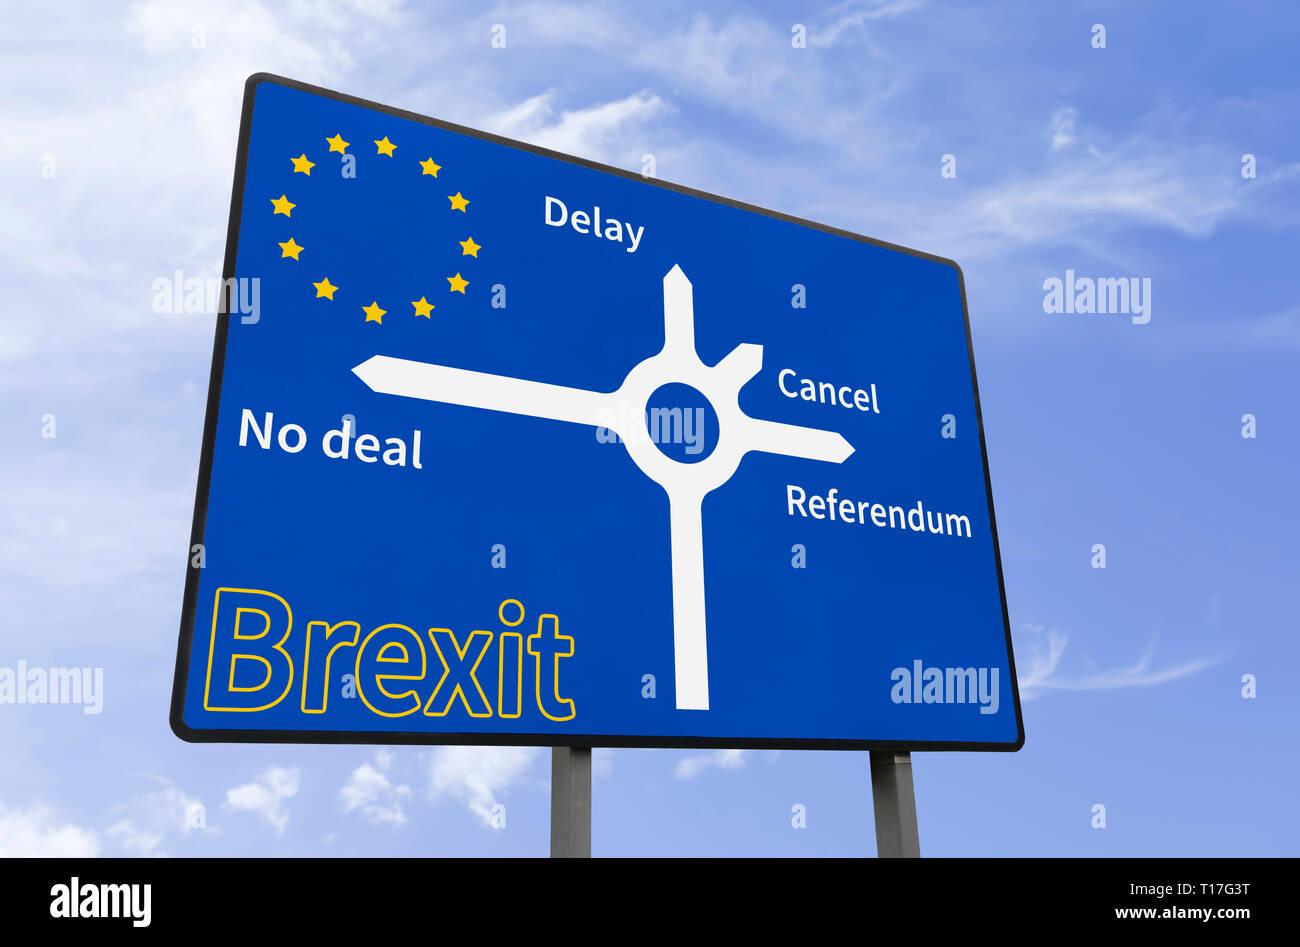 Brexit signer avec des options permettant d'annuler, Référendum, retard et pas d'accord. Options de l'UE laissant. Photo Stock